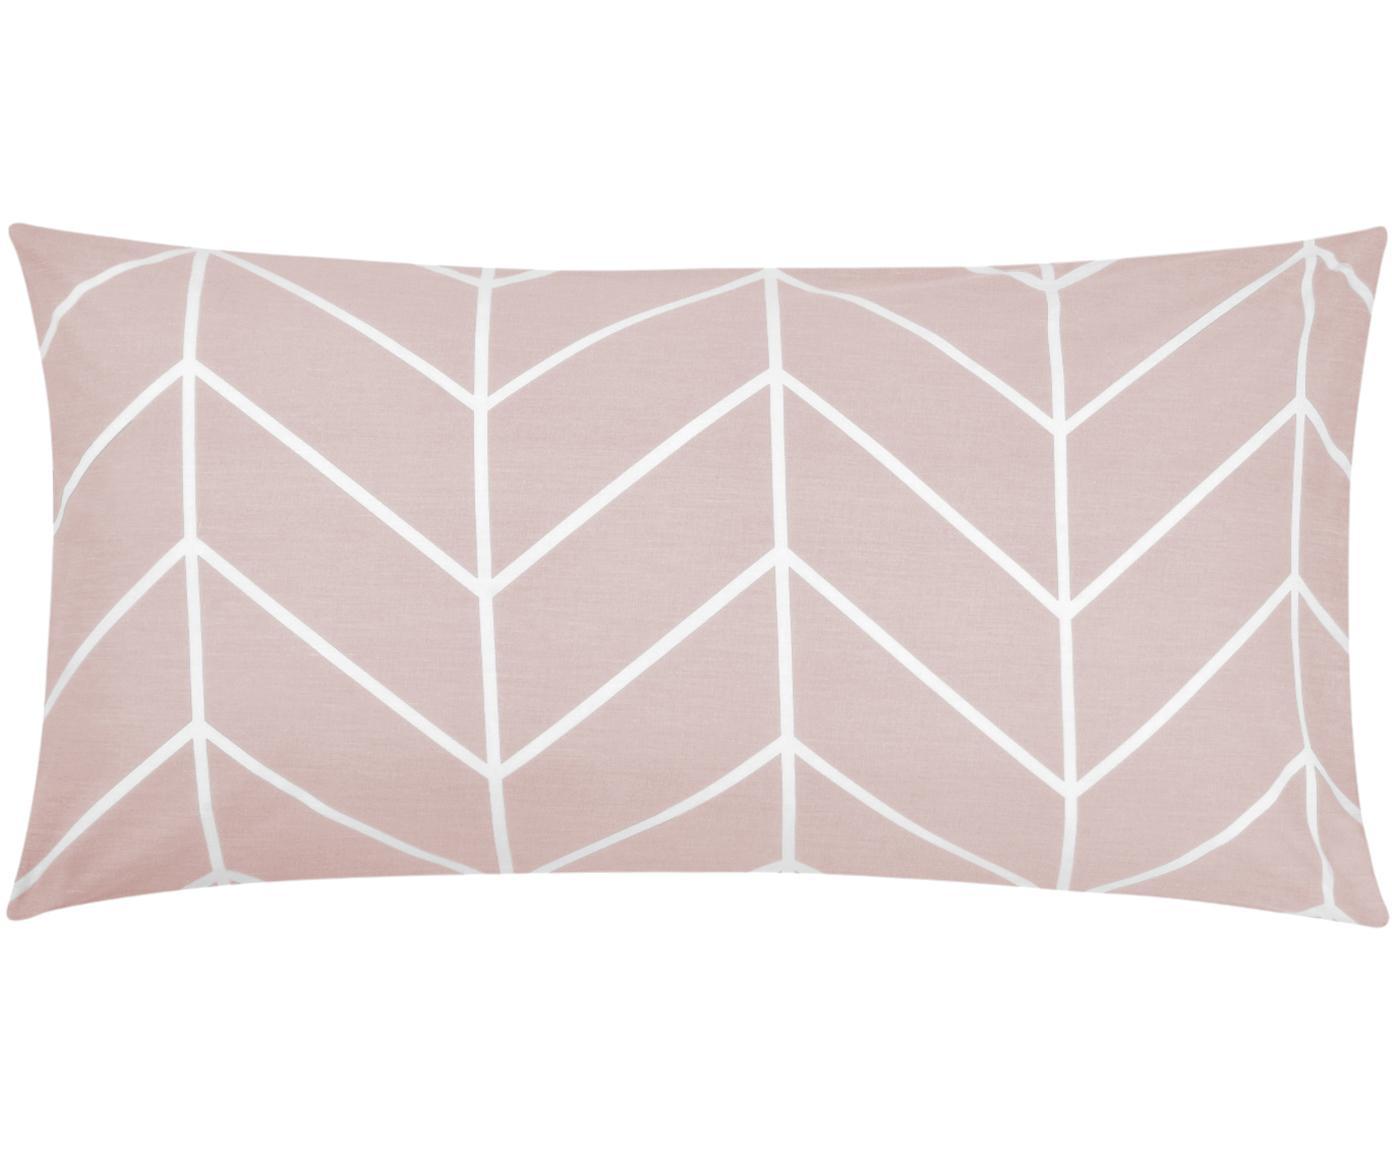 Baumwoll-Kissenbezüge Mirja mit grafischem Muster, 2 Stück, Webart: Renforcé Fadendichte 144 , Altrosa, Cremeweiss, 40 x 80 cm